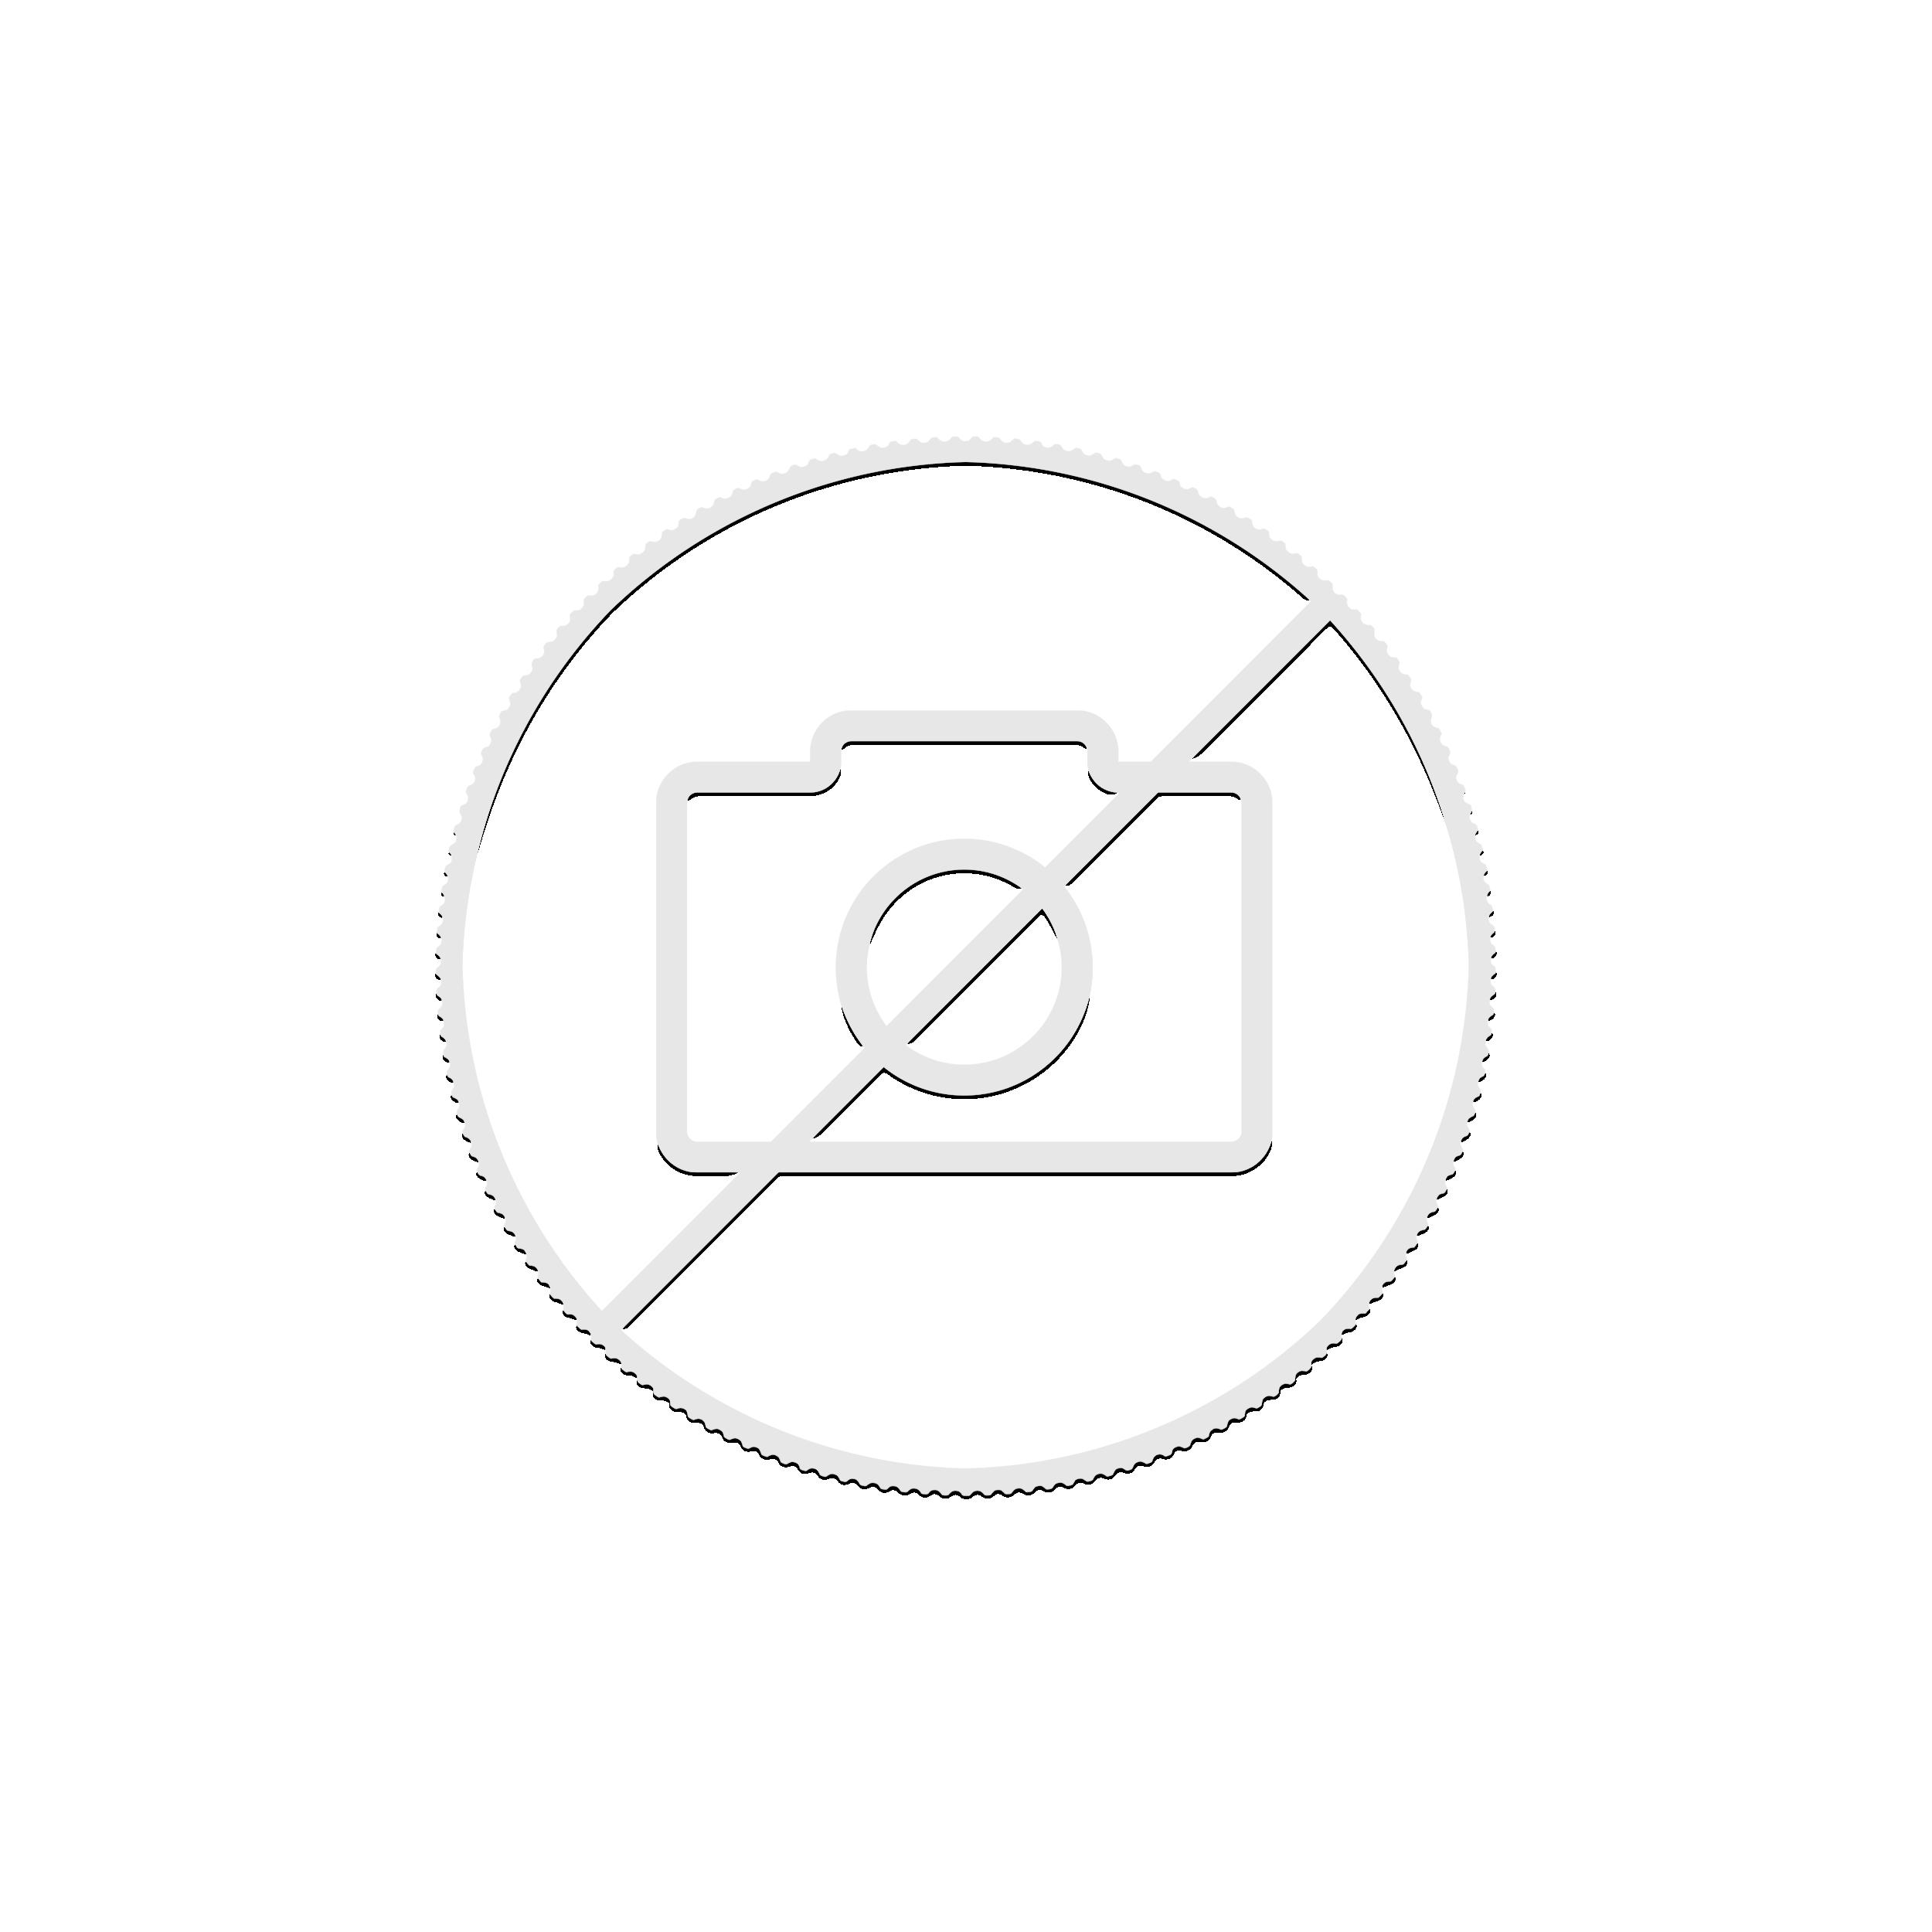 $20 gouden munt Double Eagle (St. Gaudens) Proof